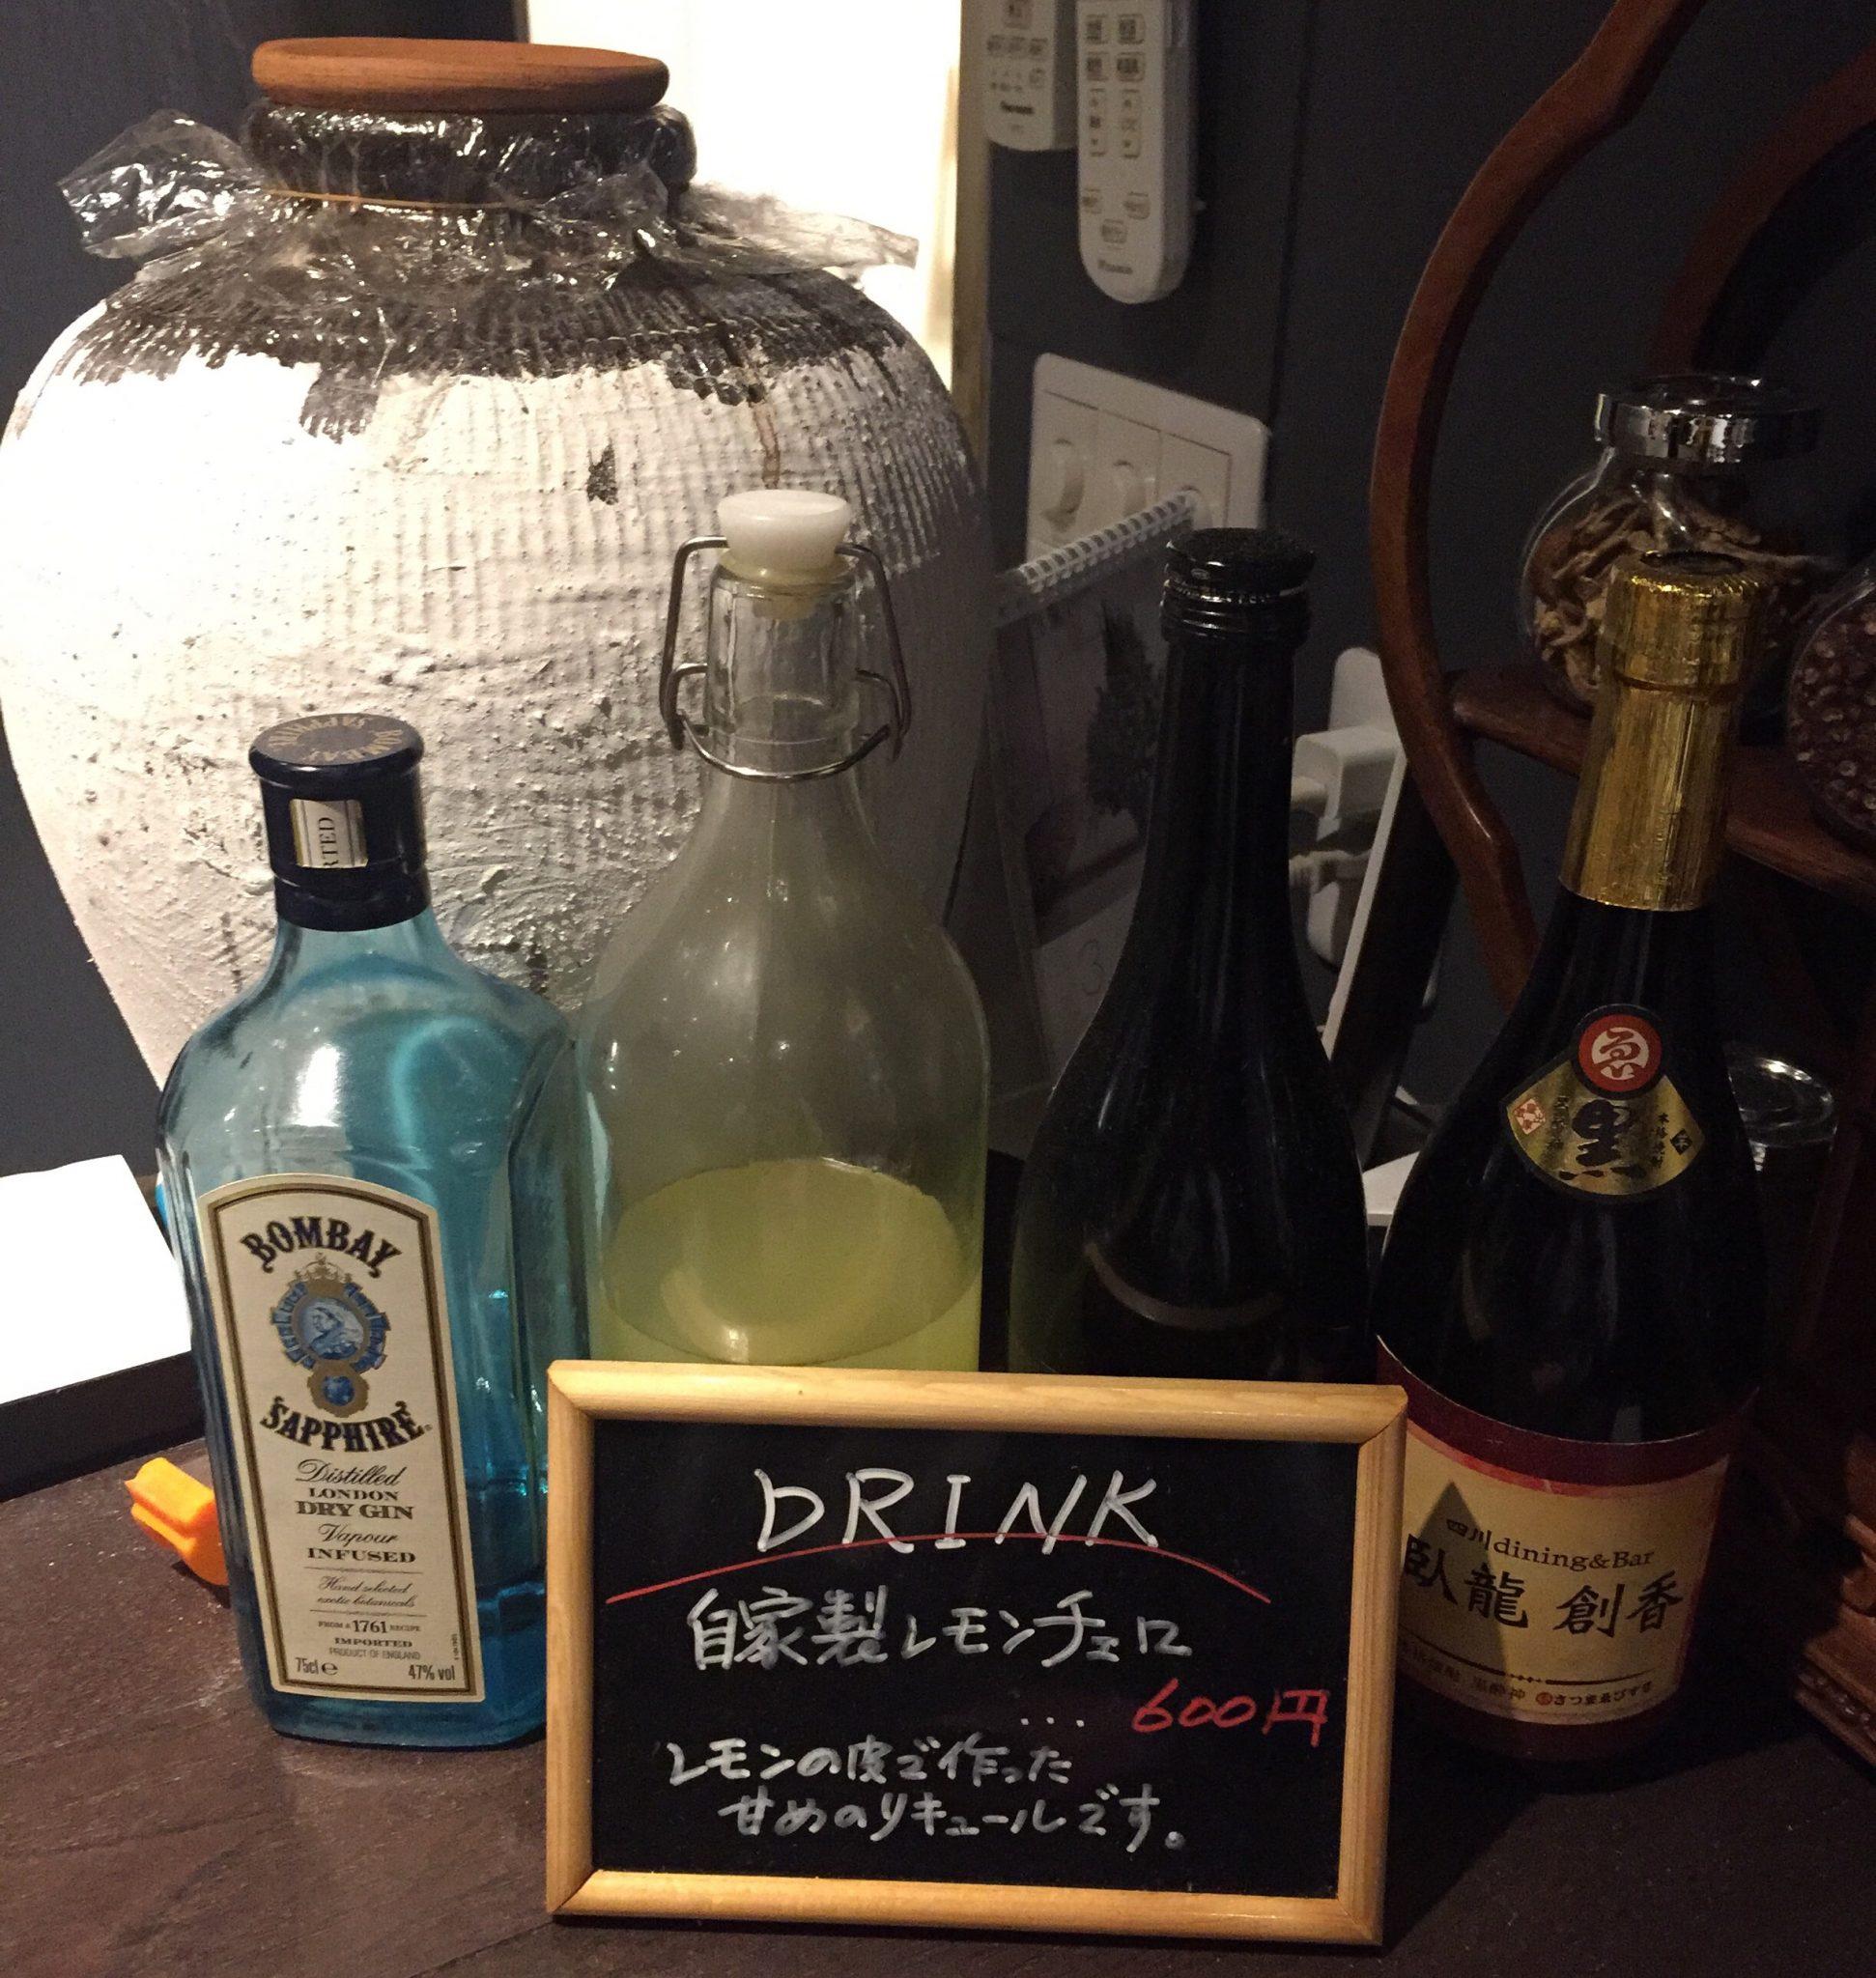 四川Dining&bar 臥龍 創香(がりゅう そうしゃん) 自家製レモンチェロ